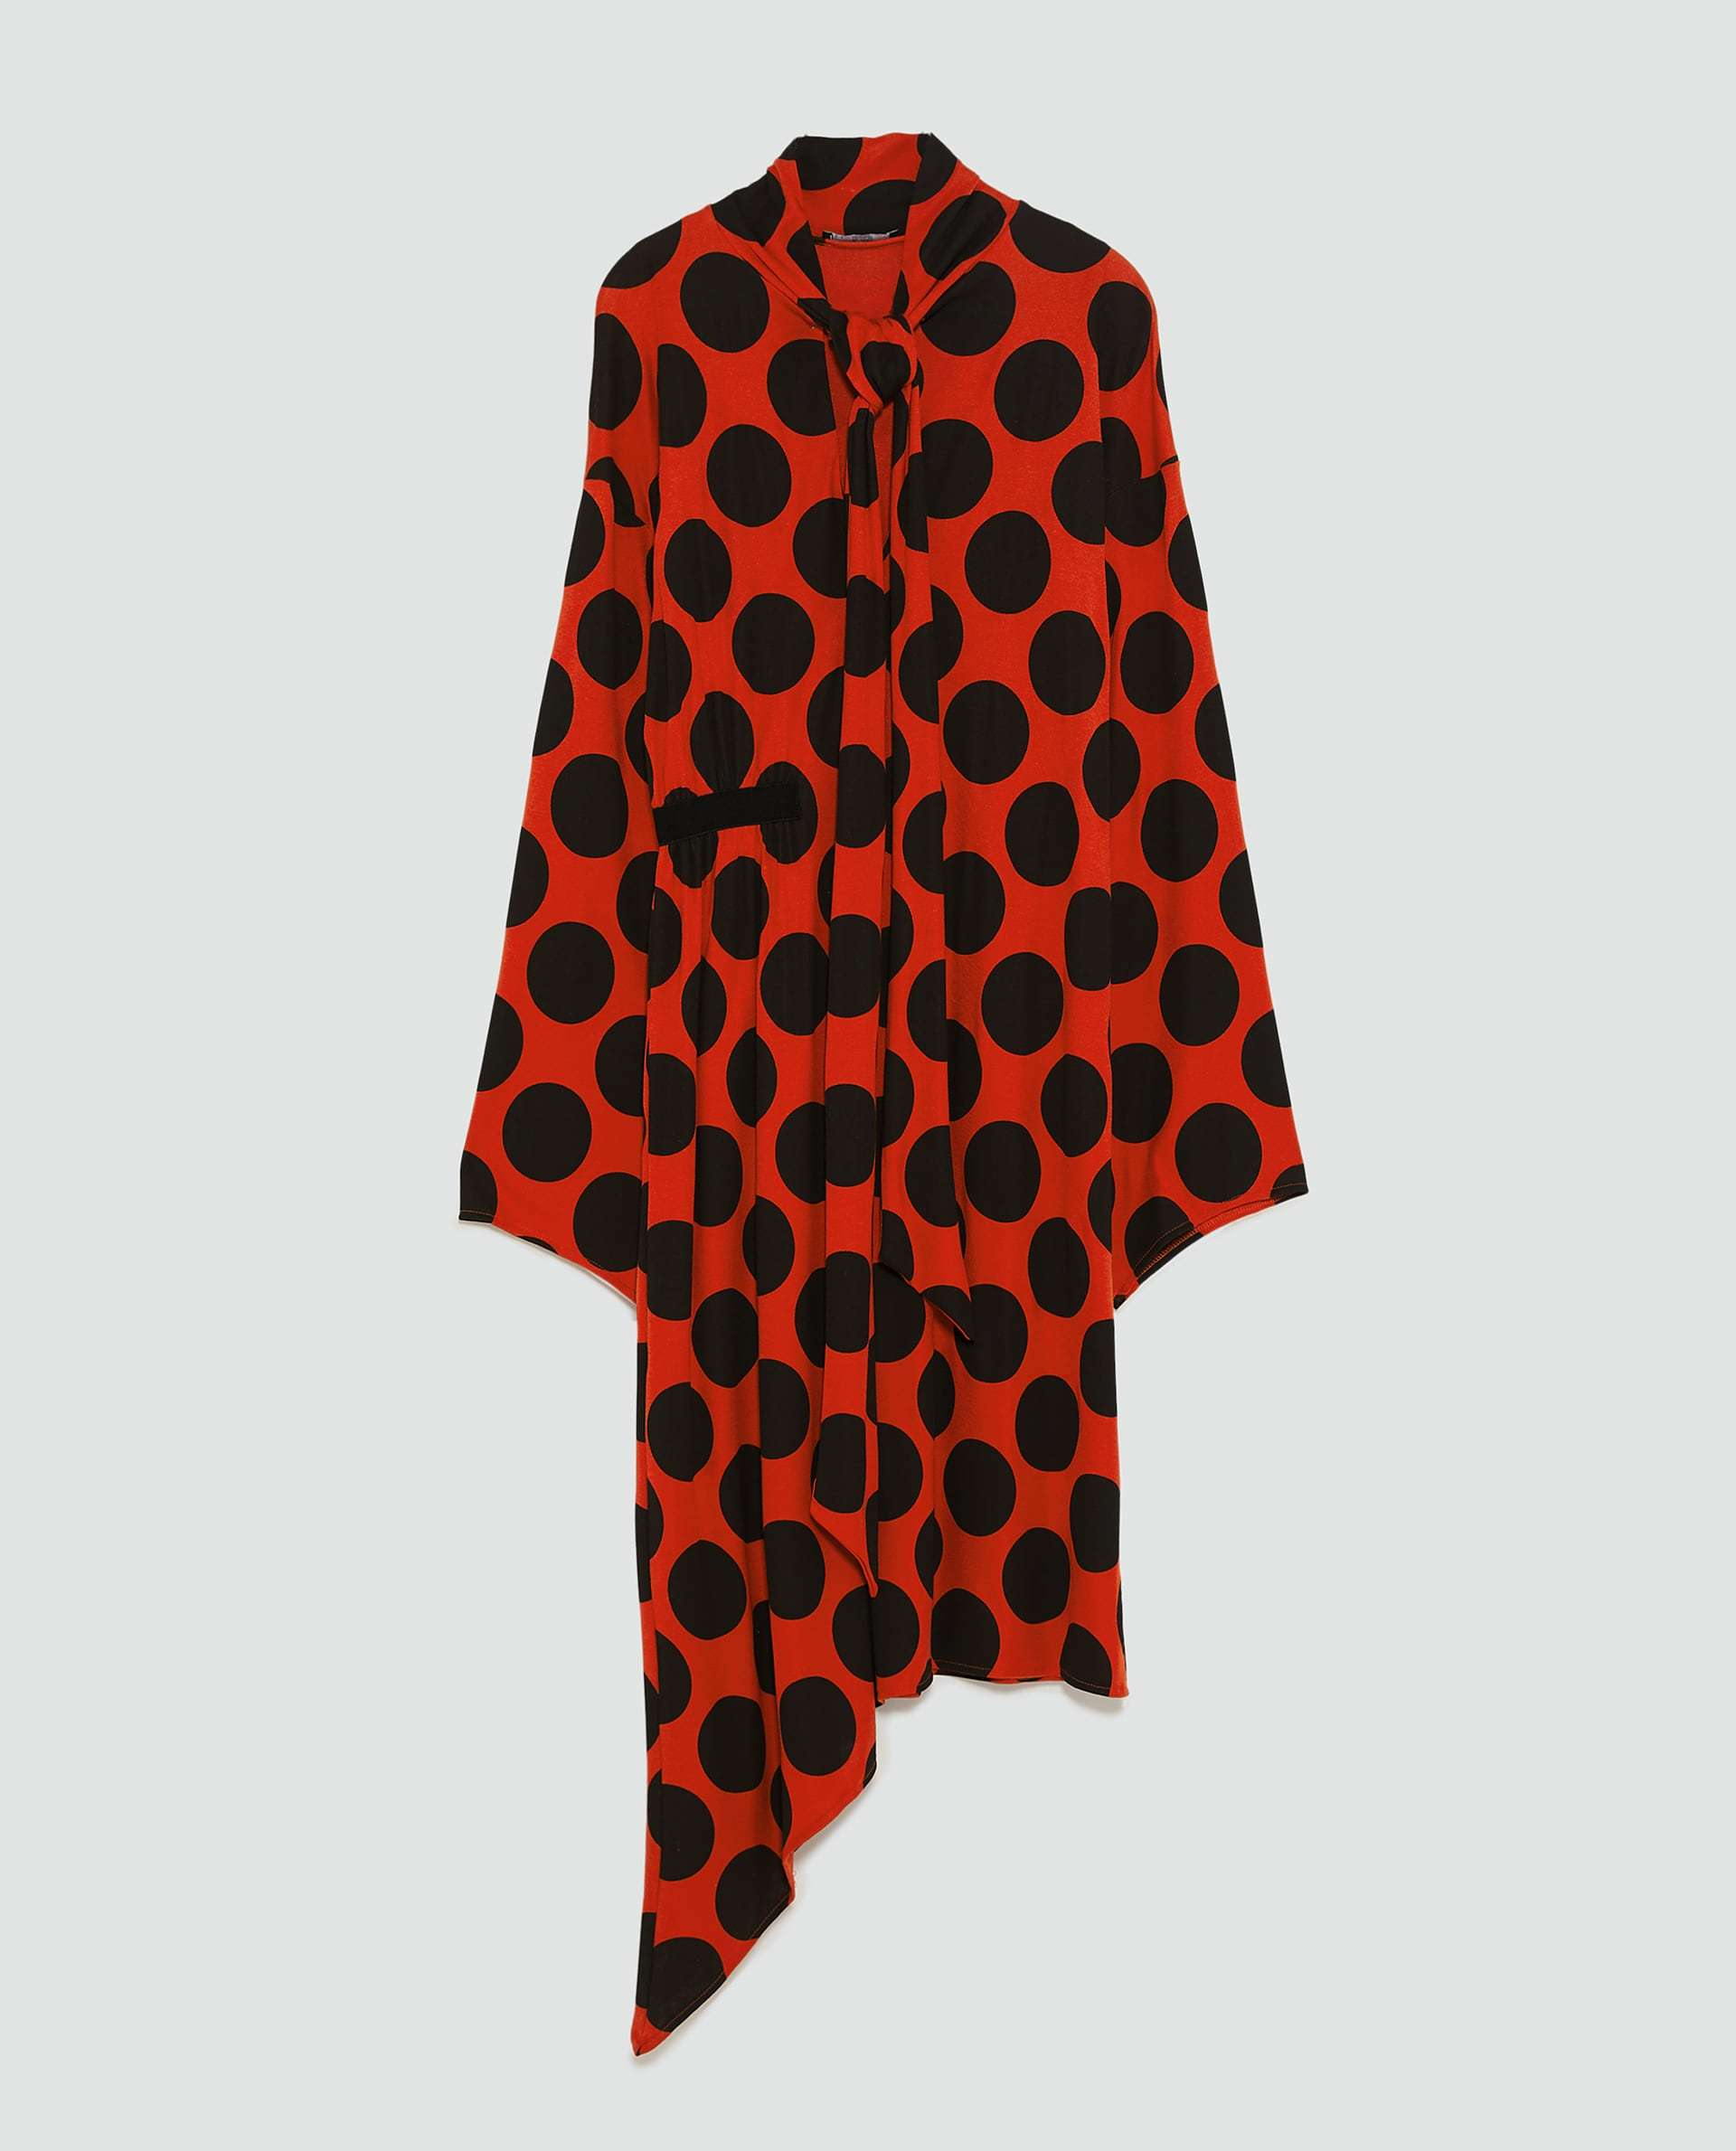 Vestido naranja con lunares X negros, de Zara (25,95 euros).